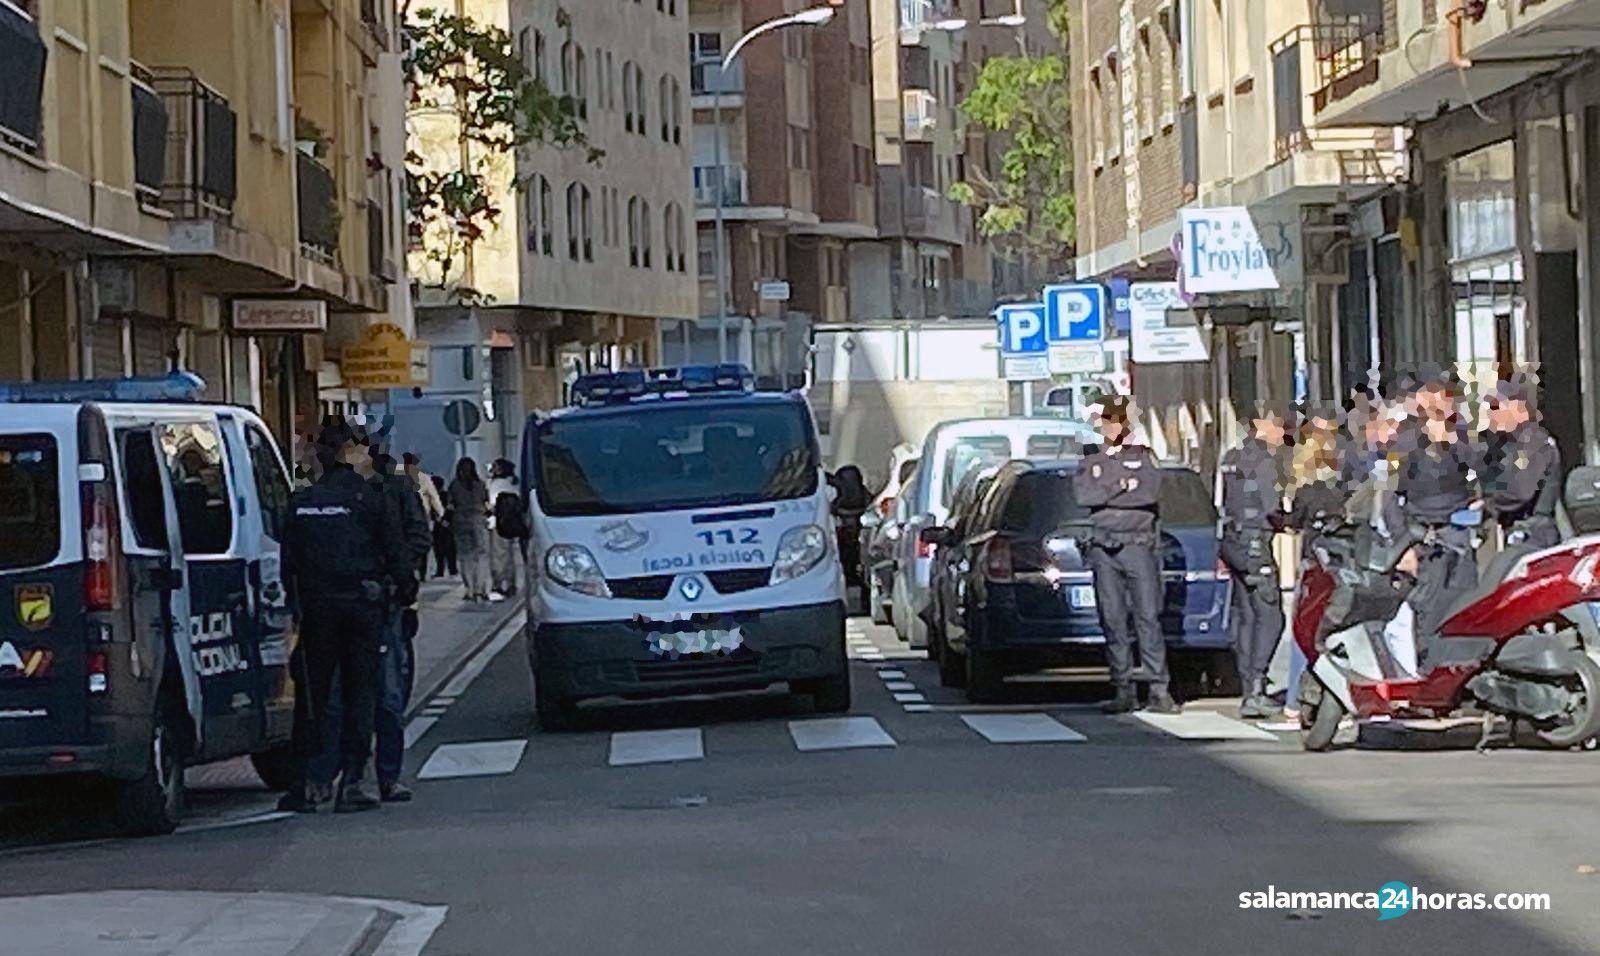 Polici?as Garrido